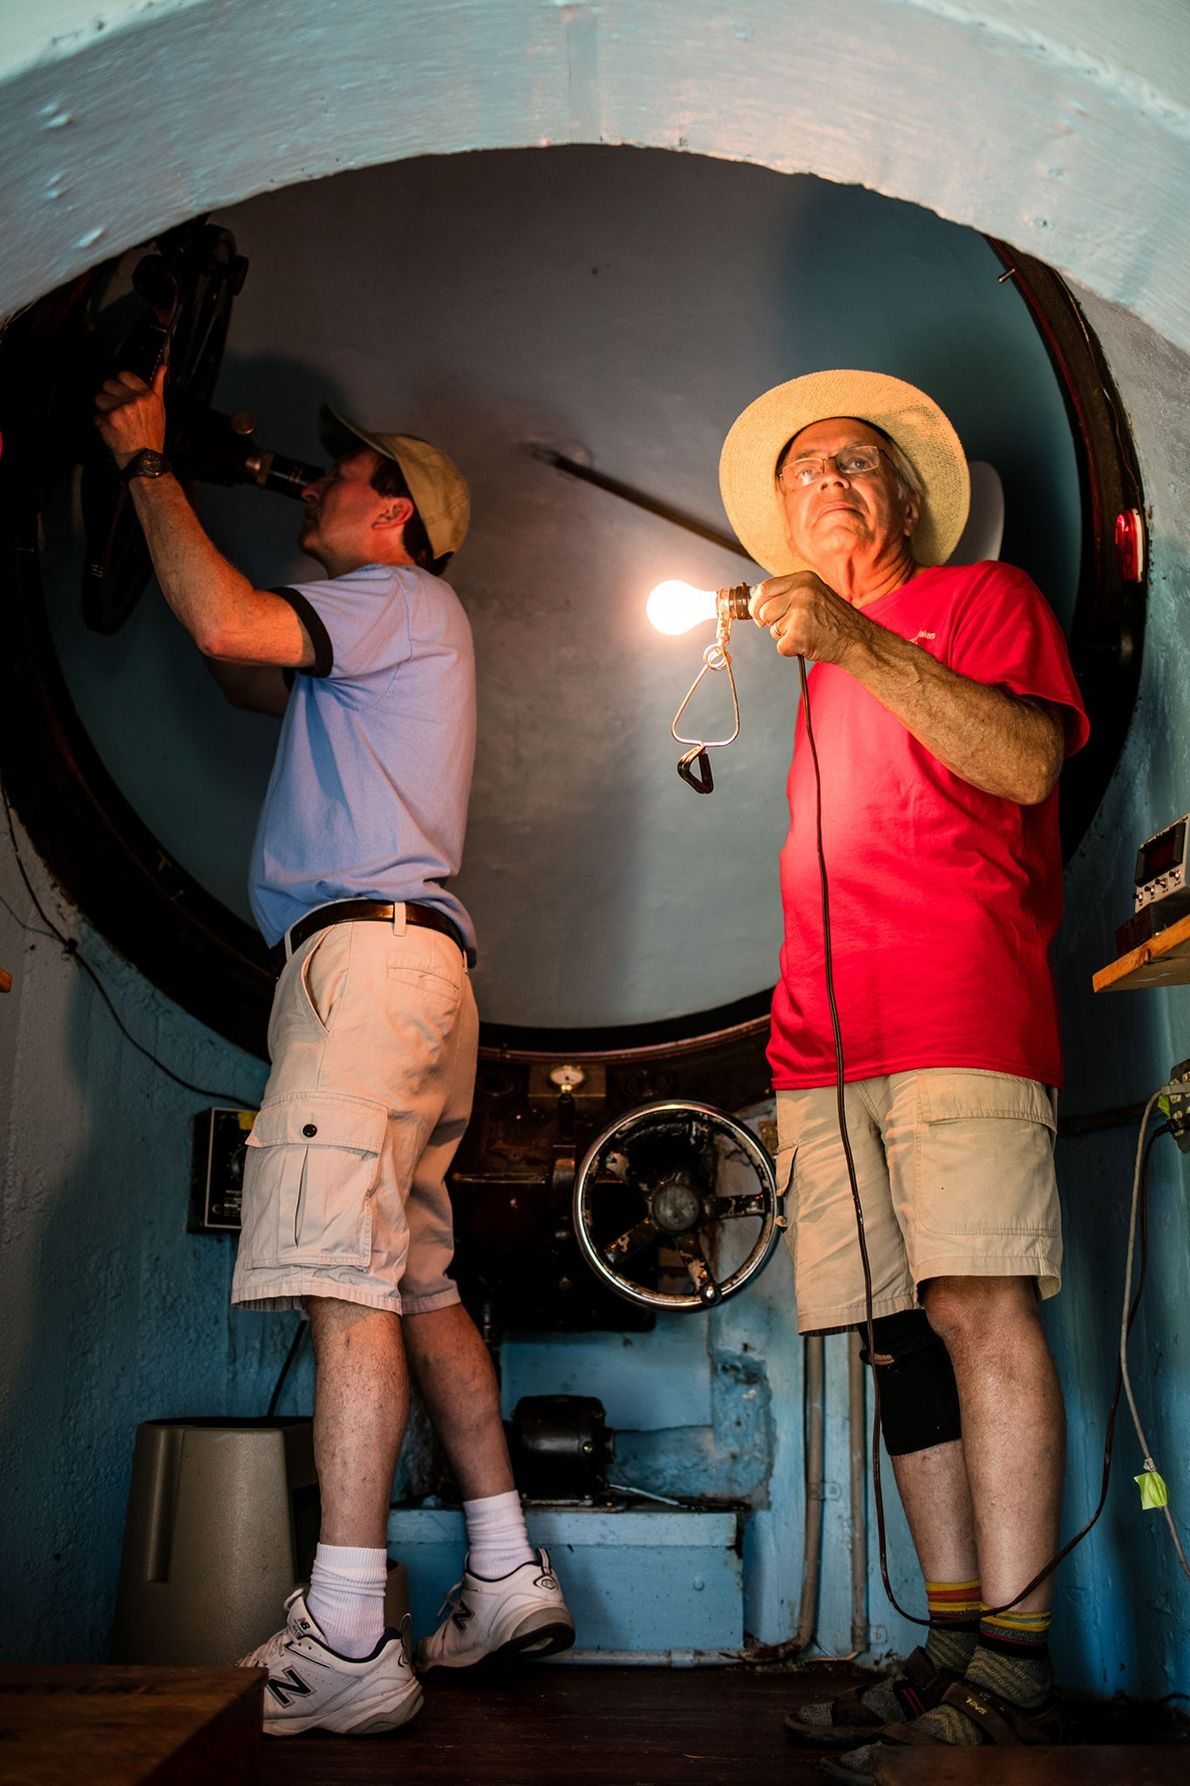 Participantes do festival Stellafane ajustam um telescópio alojado numa cúpula.